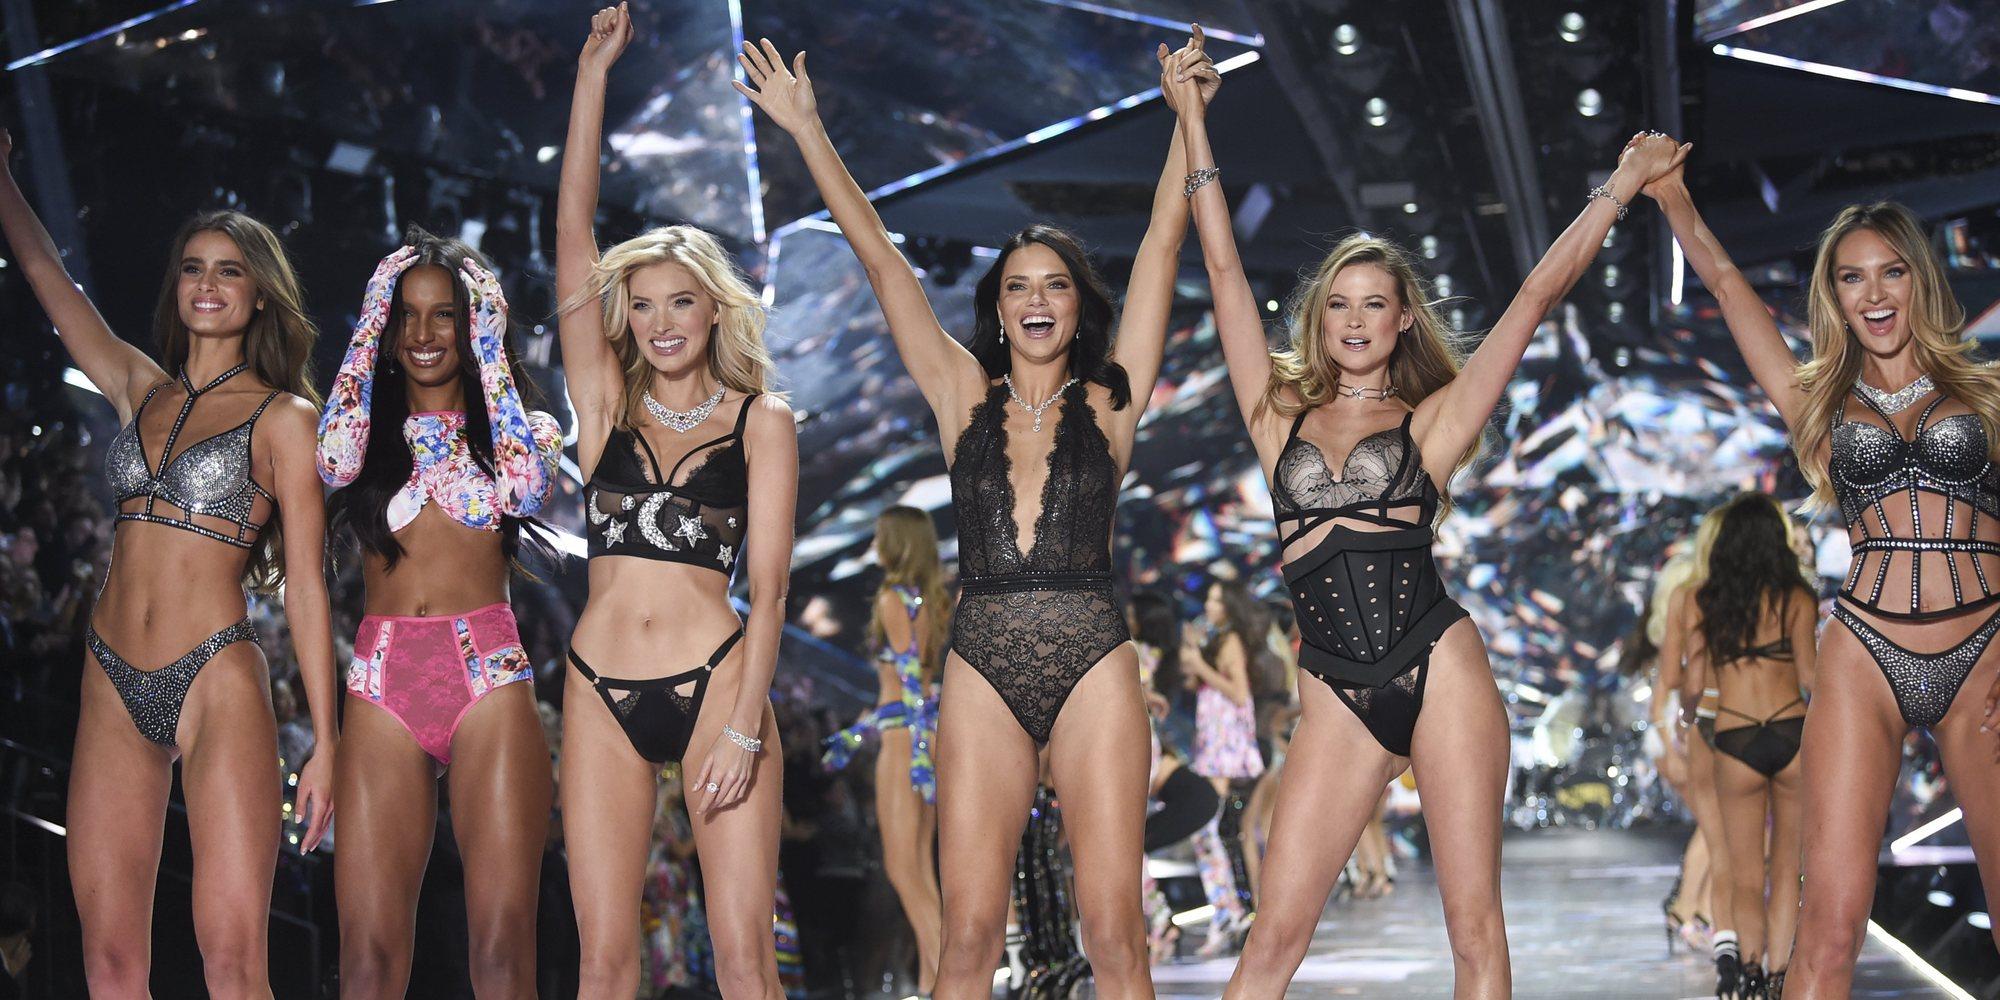 El verdadero secreto de Victoria's Secret: abusos, acoso y misoginia por parte de los directivos a sus ángeles